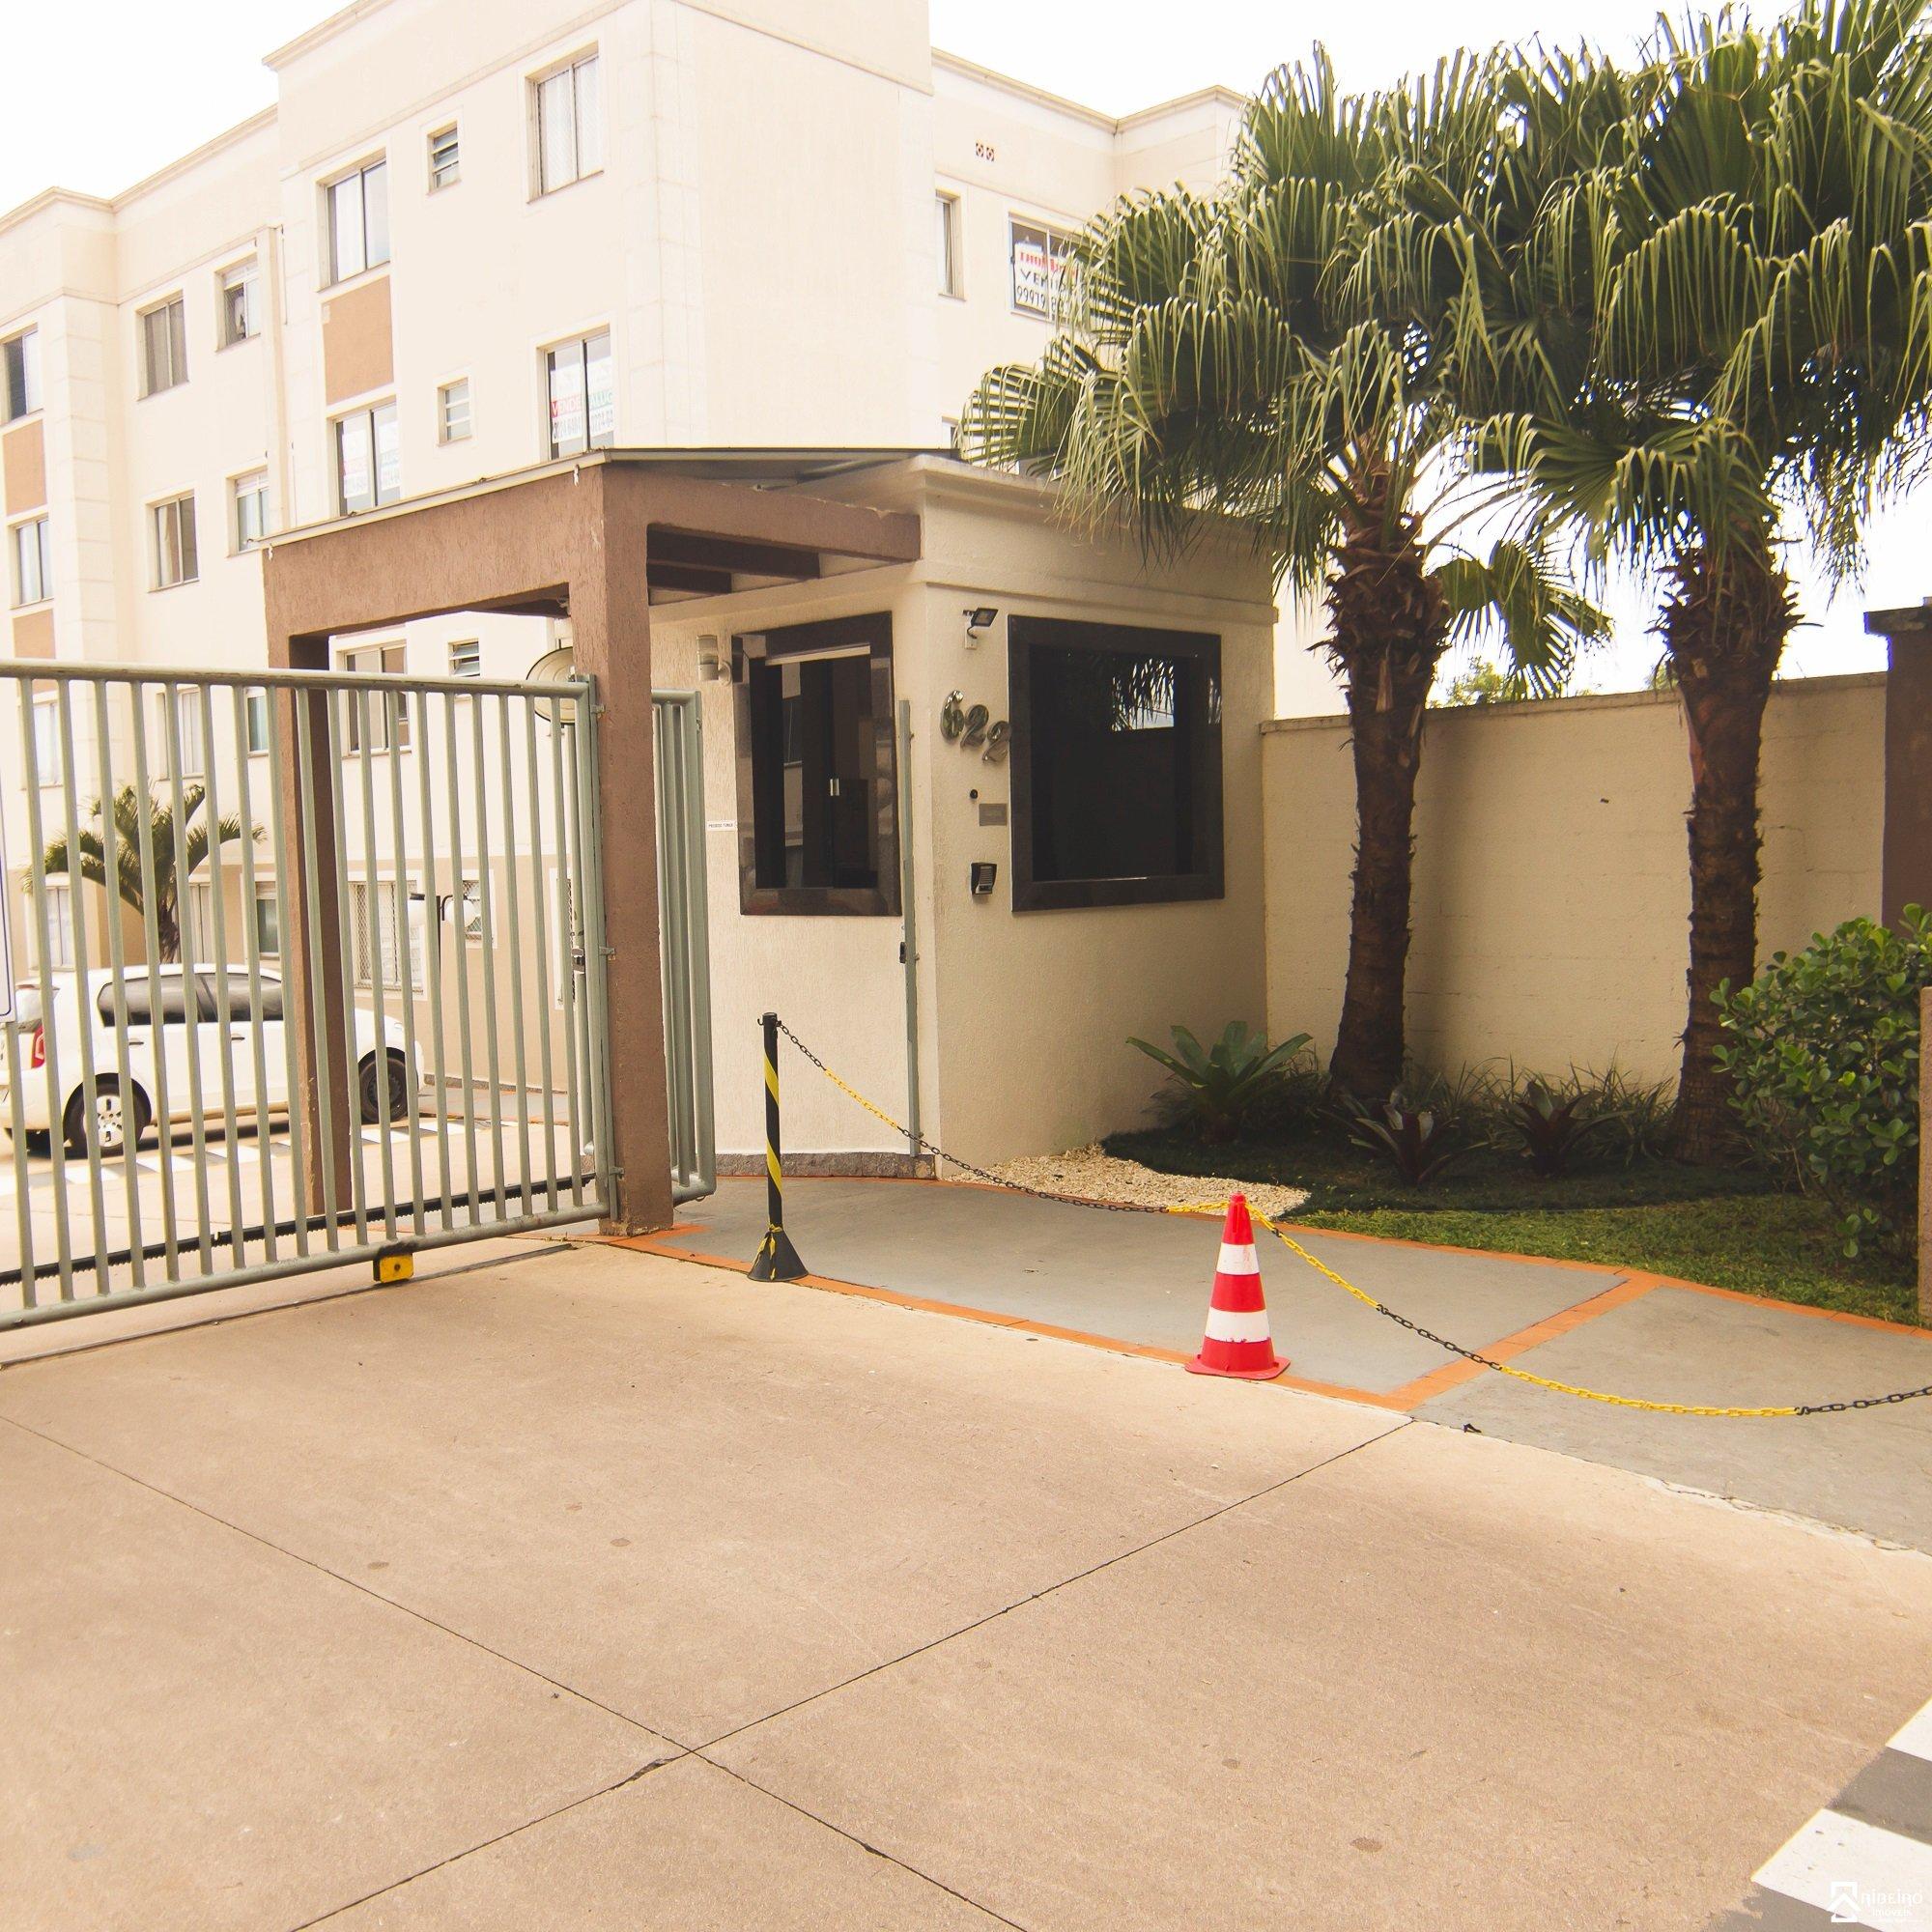 REF. 7553 -  São José Dos Pinhais - Rua Acre, 622 - Apto 209 - Bl 02